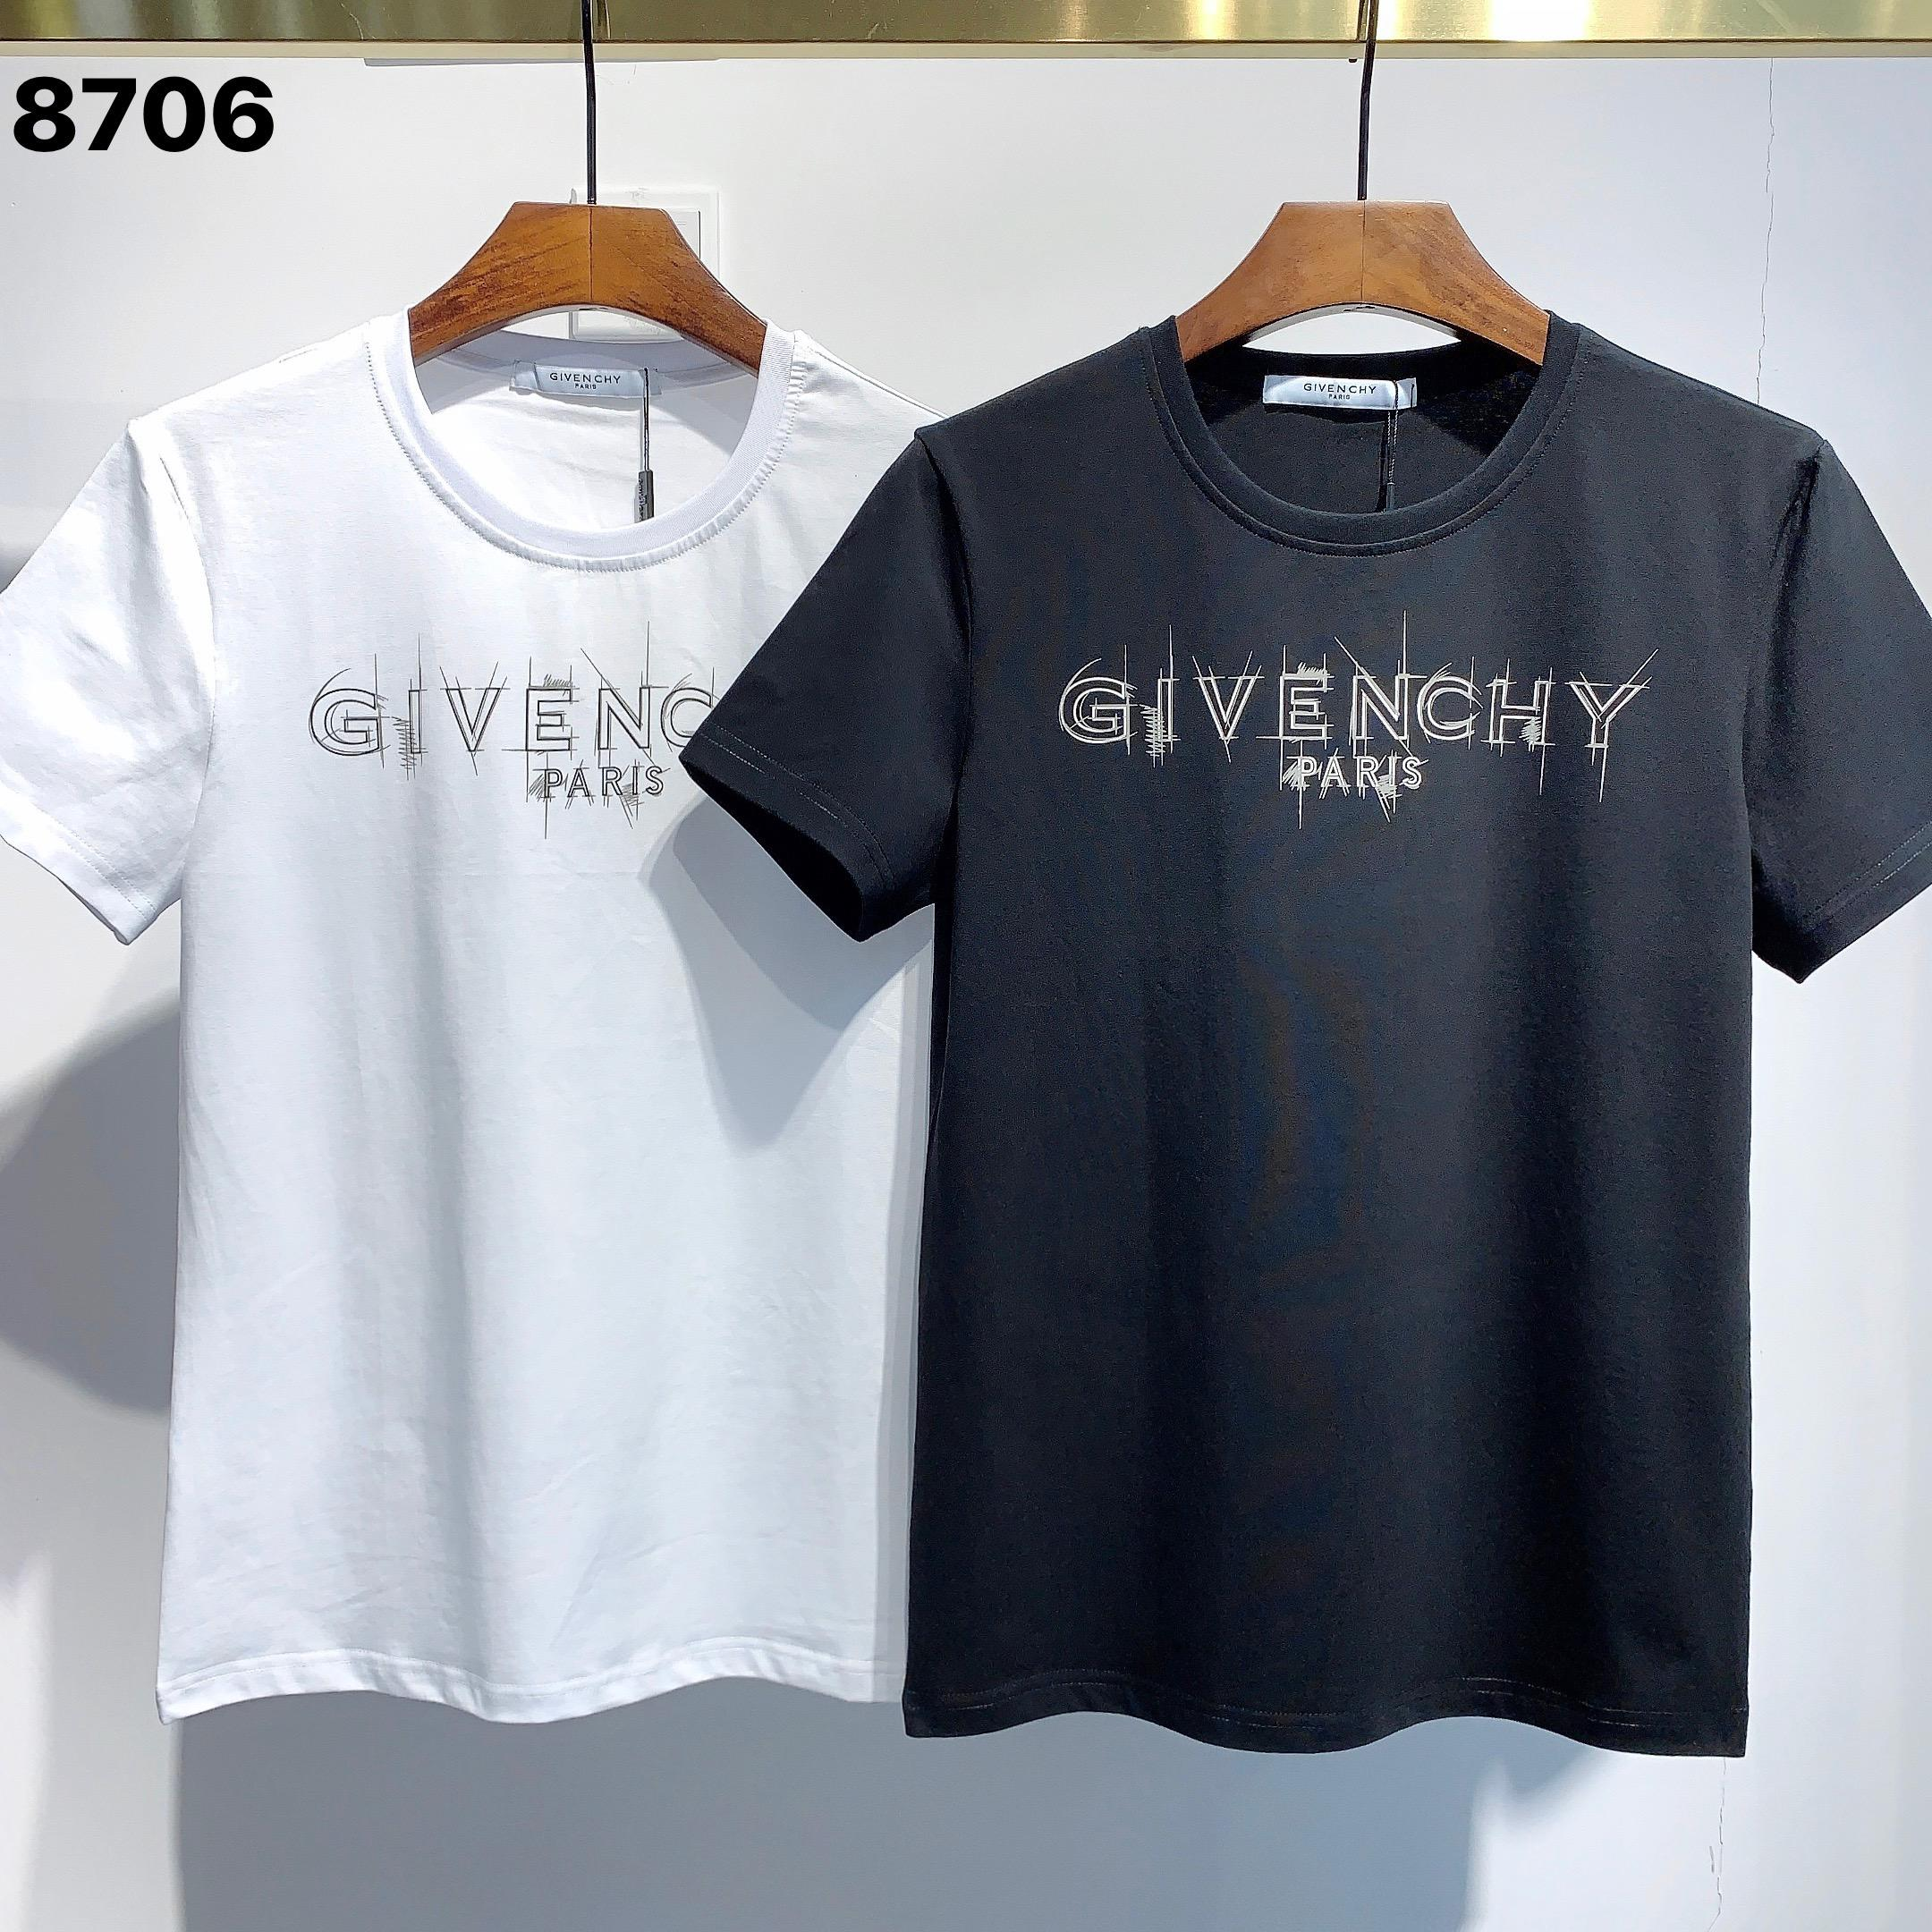 Sıcak Satış GIV Letter 'Tasarımcı Erkekler T Shirt # 001 Yaz Paris Moda 4G Desen' Lüks Stilist Casual Baskı İnce Hip Hop Tees BB